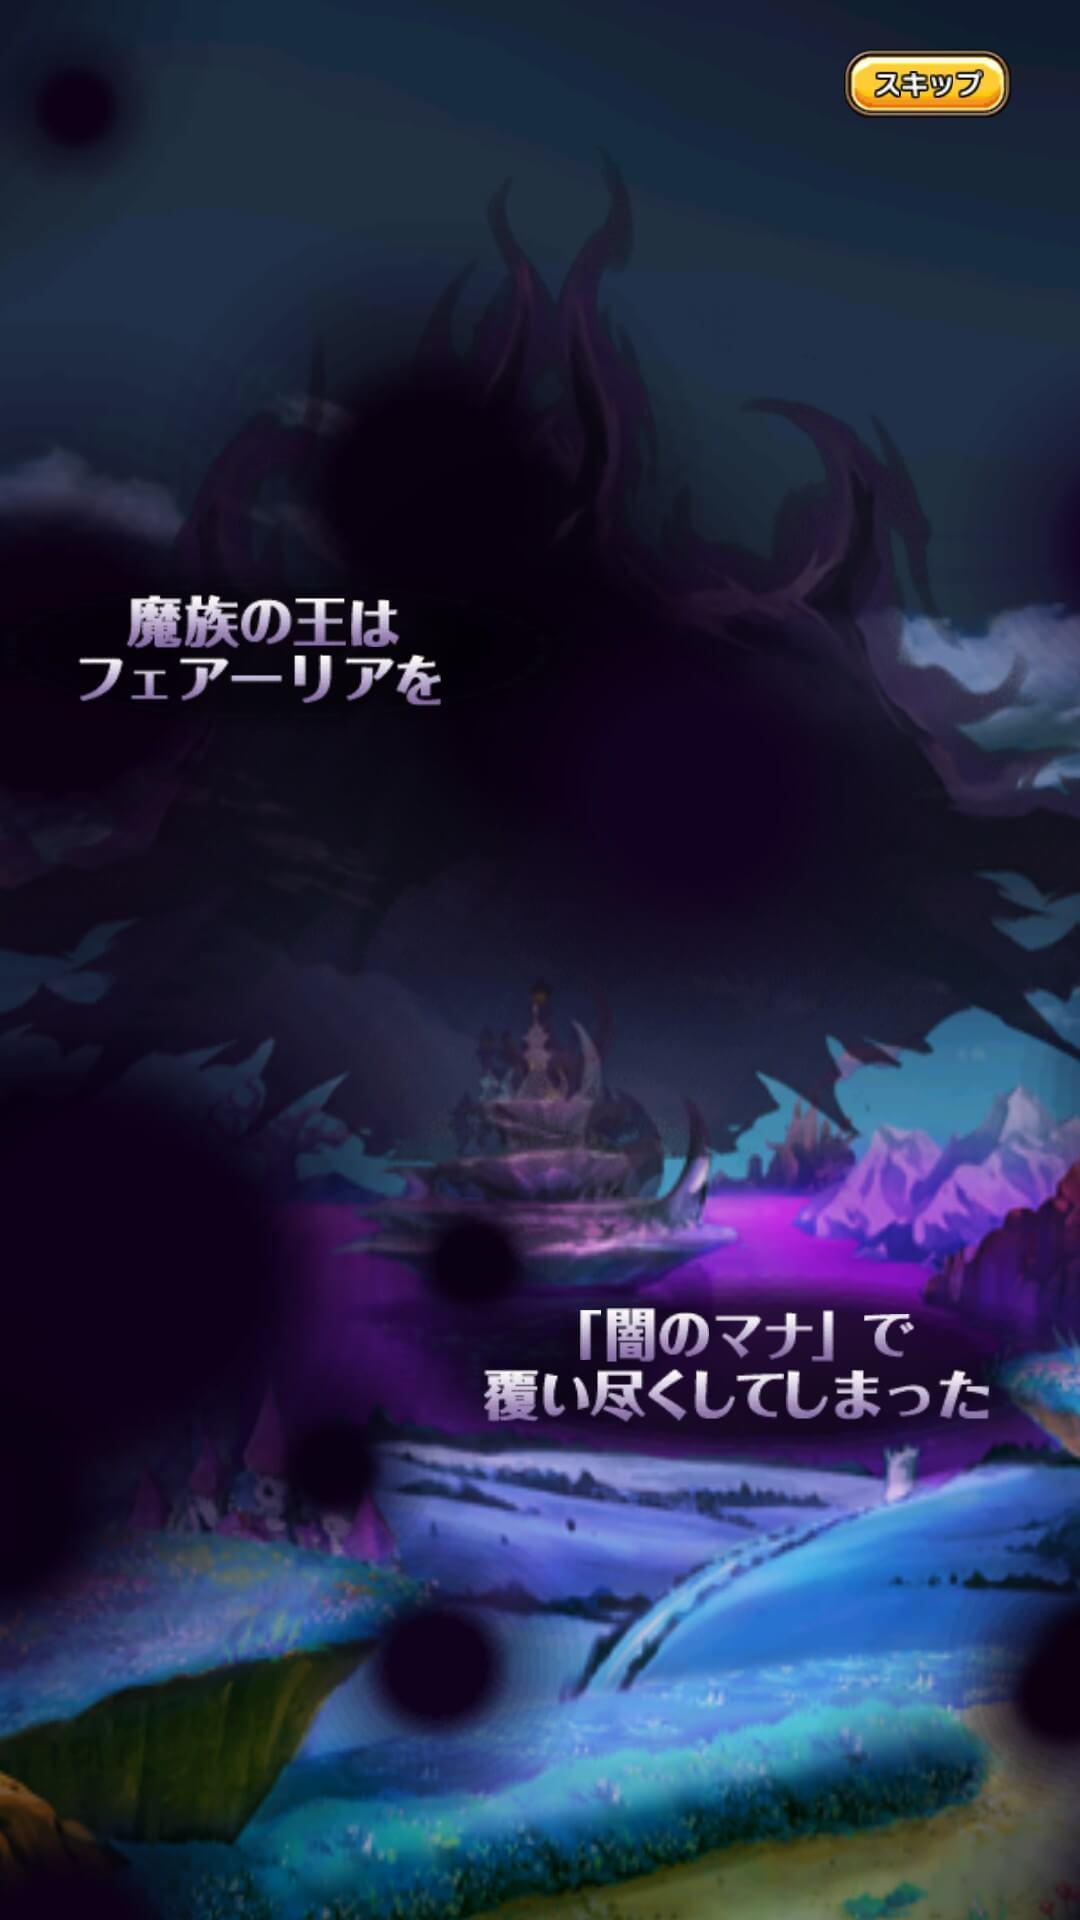 闇のマナで覆い尽くされたフェアーリアの画像です。